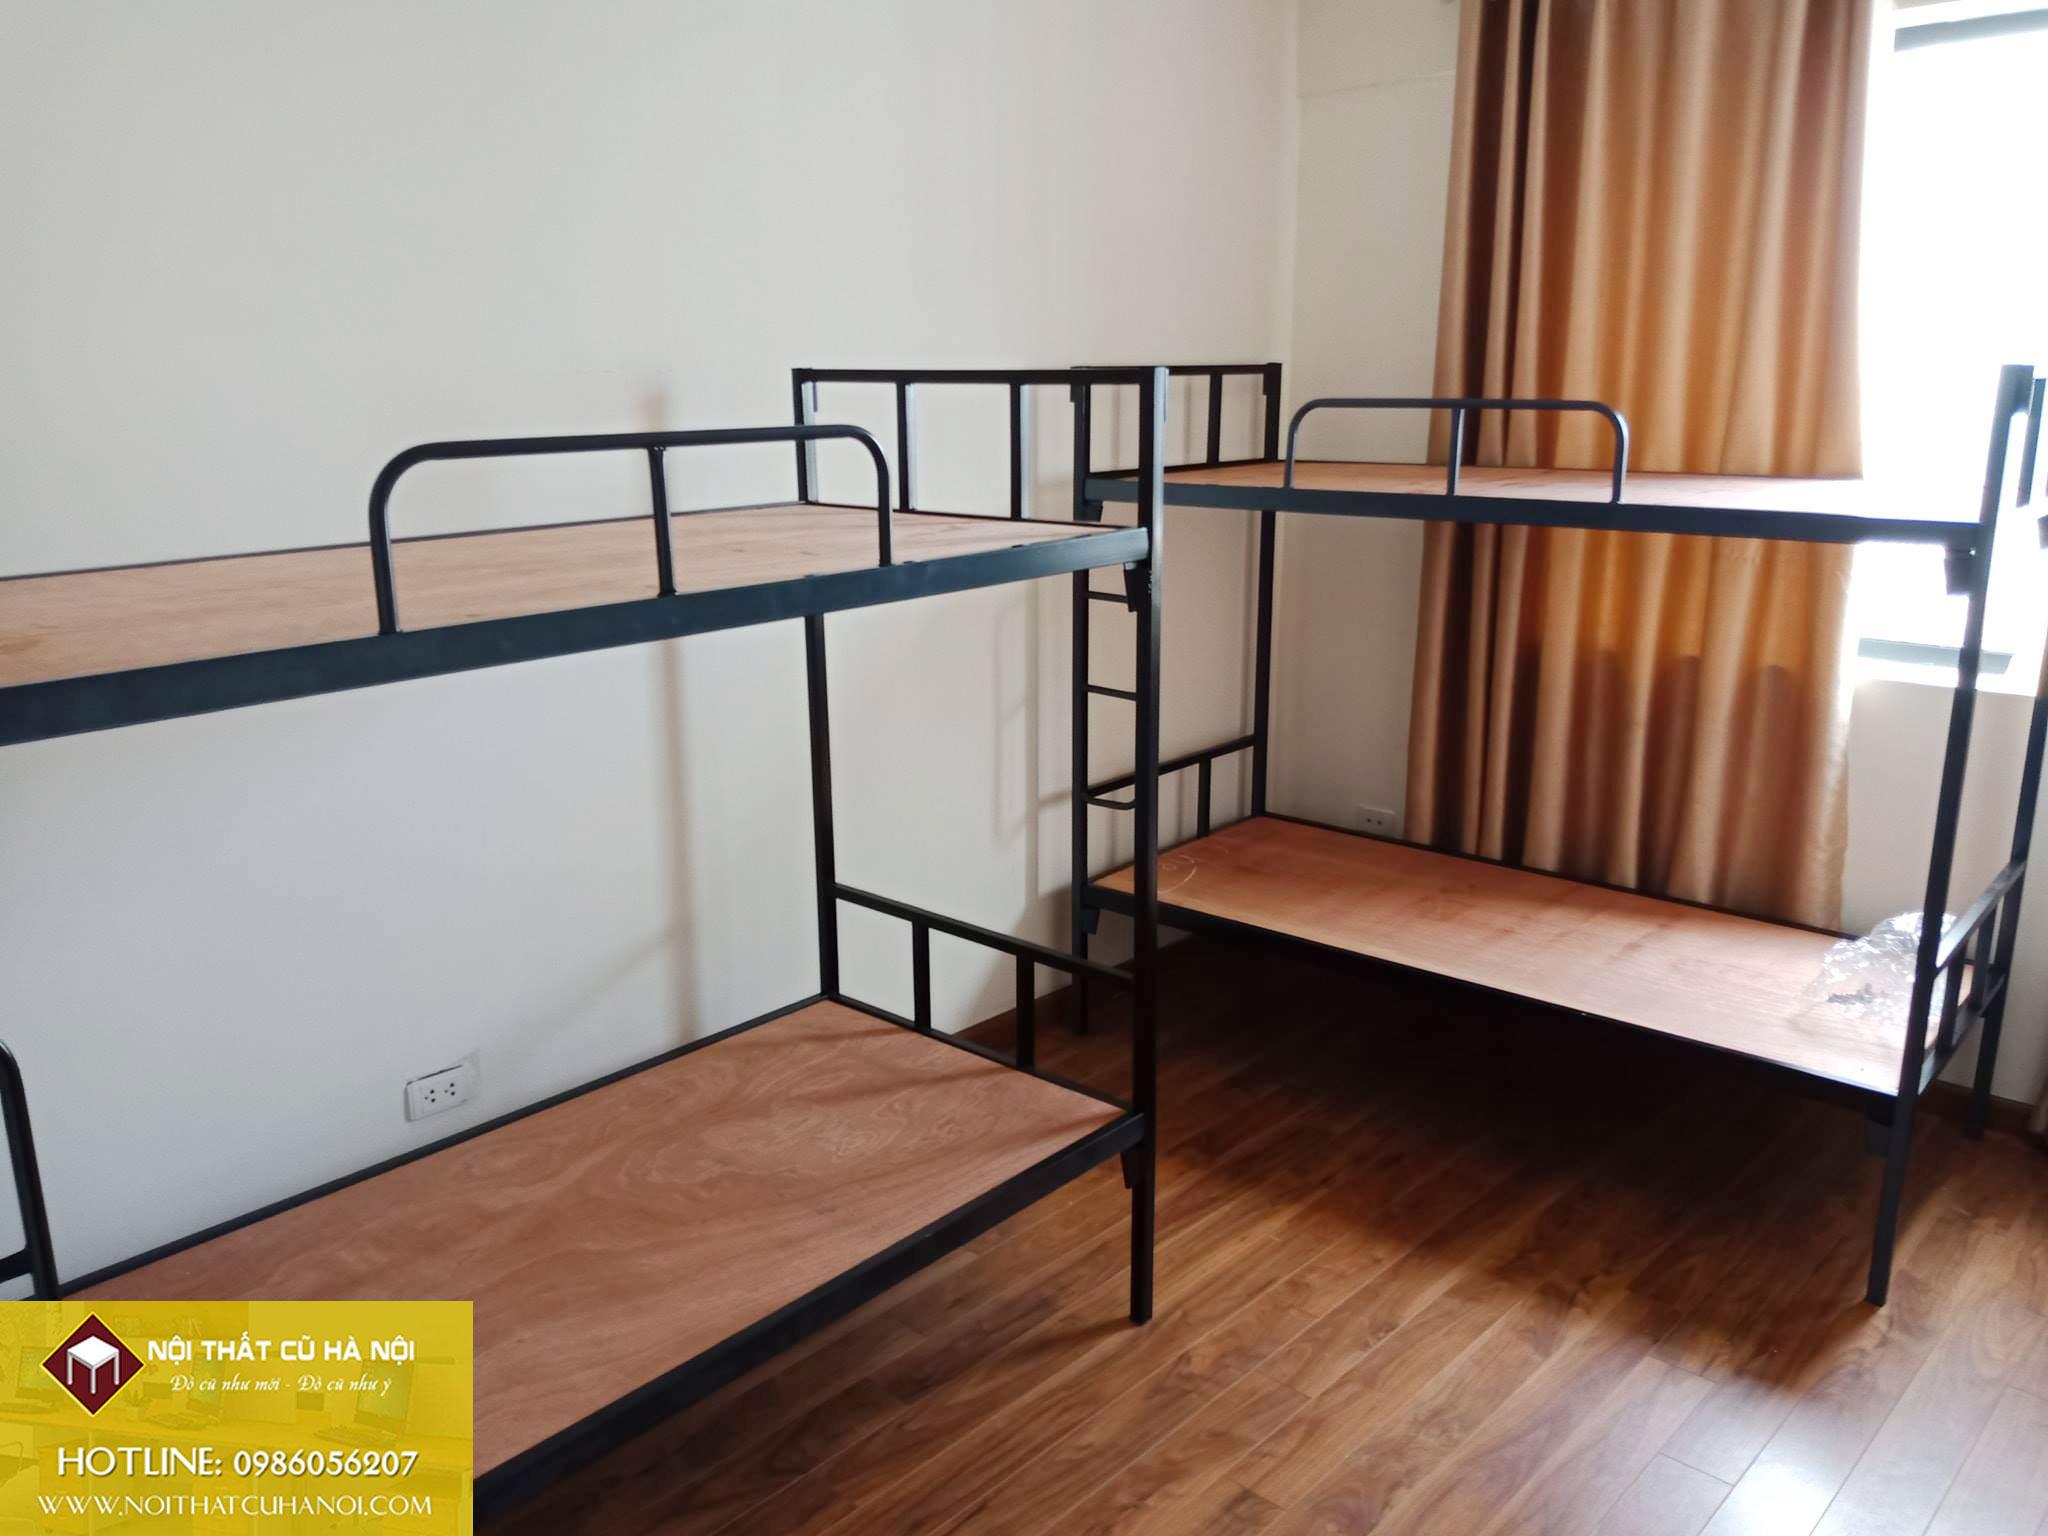 Thanh lý giường tầng tại Hà Nội Giá Tốt Nhất